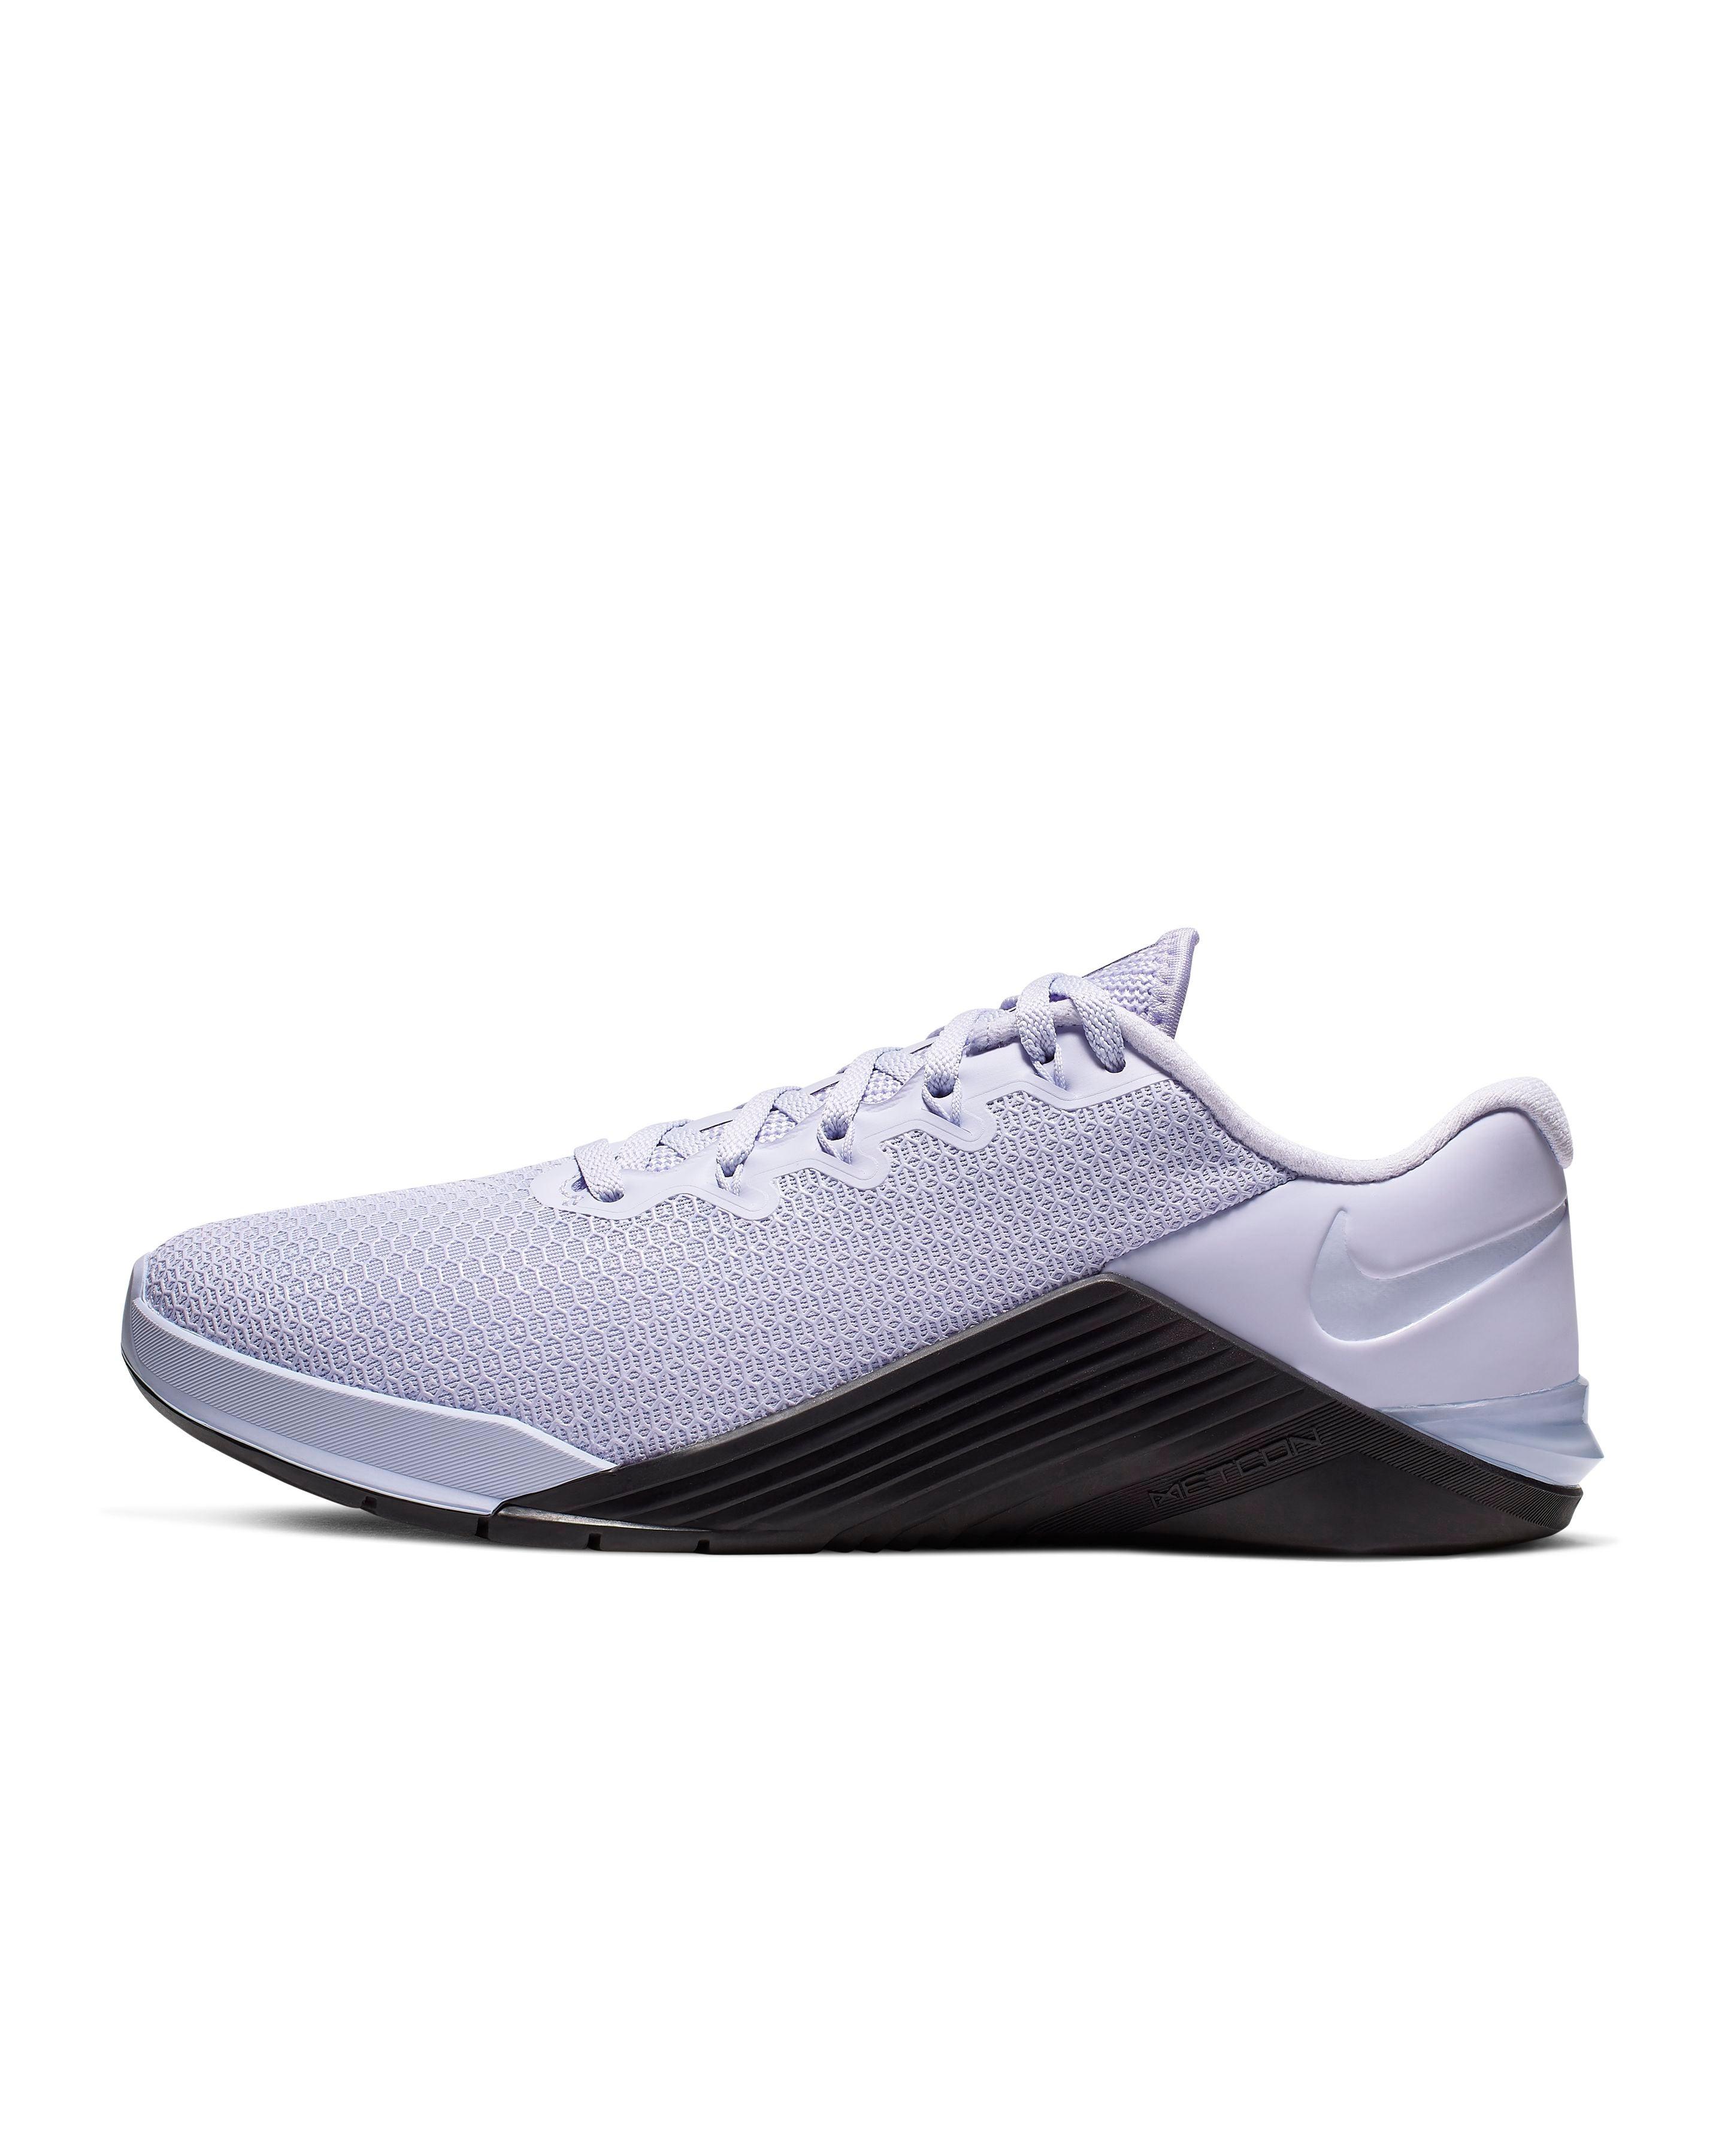 94f0295f2 Nike + Nike Dunk Multi-Colored Sneakers